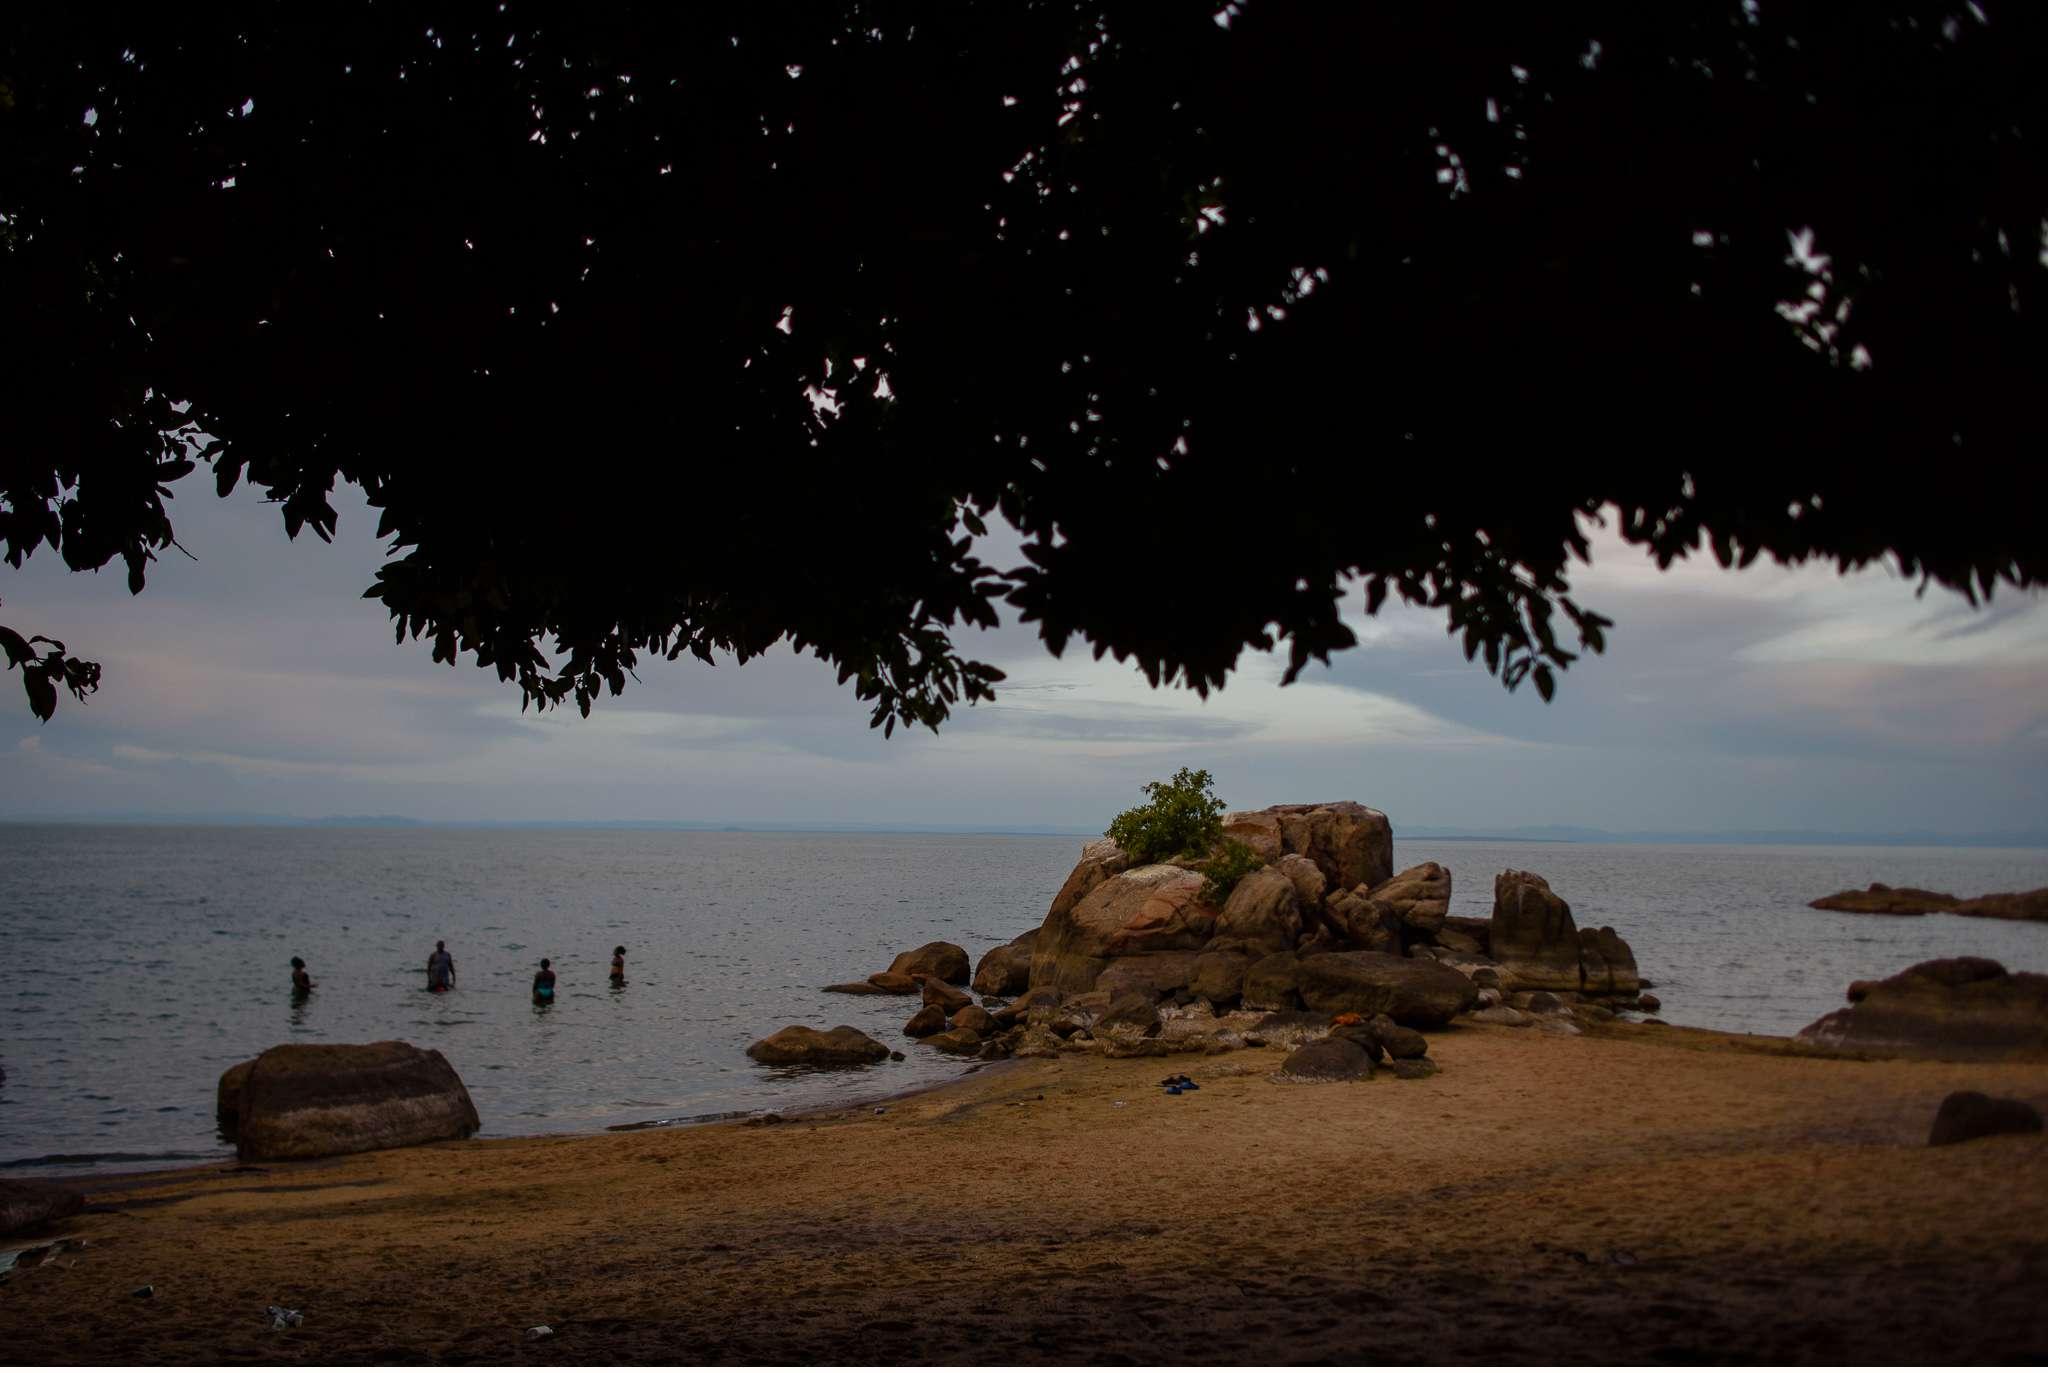 Malawi-Quer durch Afrika- Geschichten von unterwegs by Marion and Daniel-10